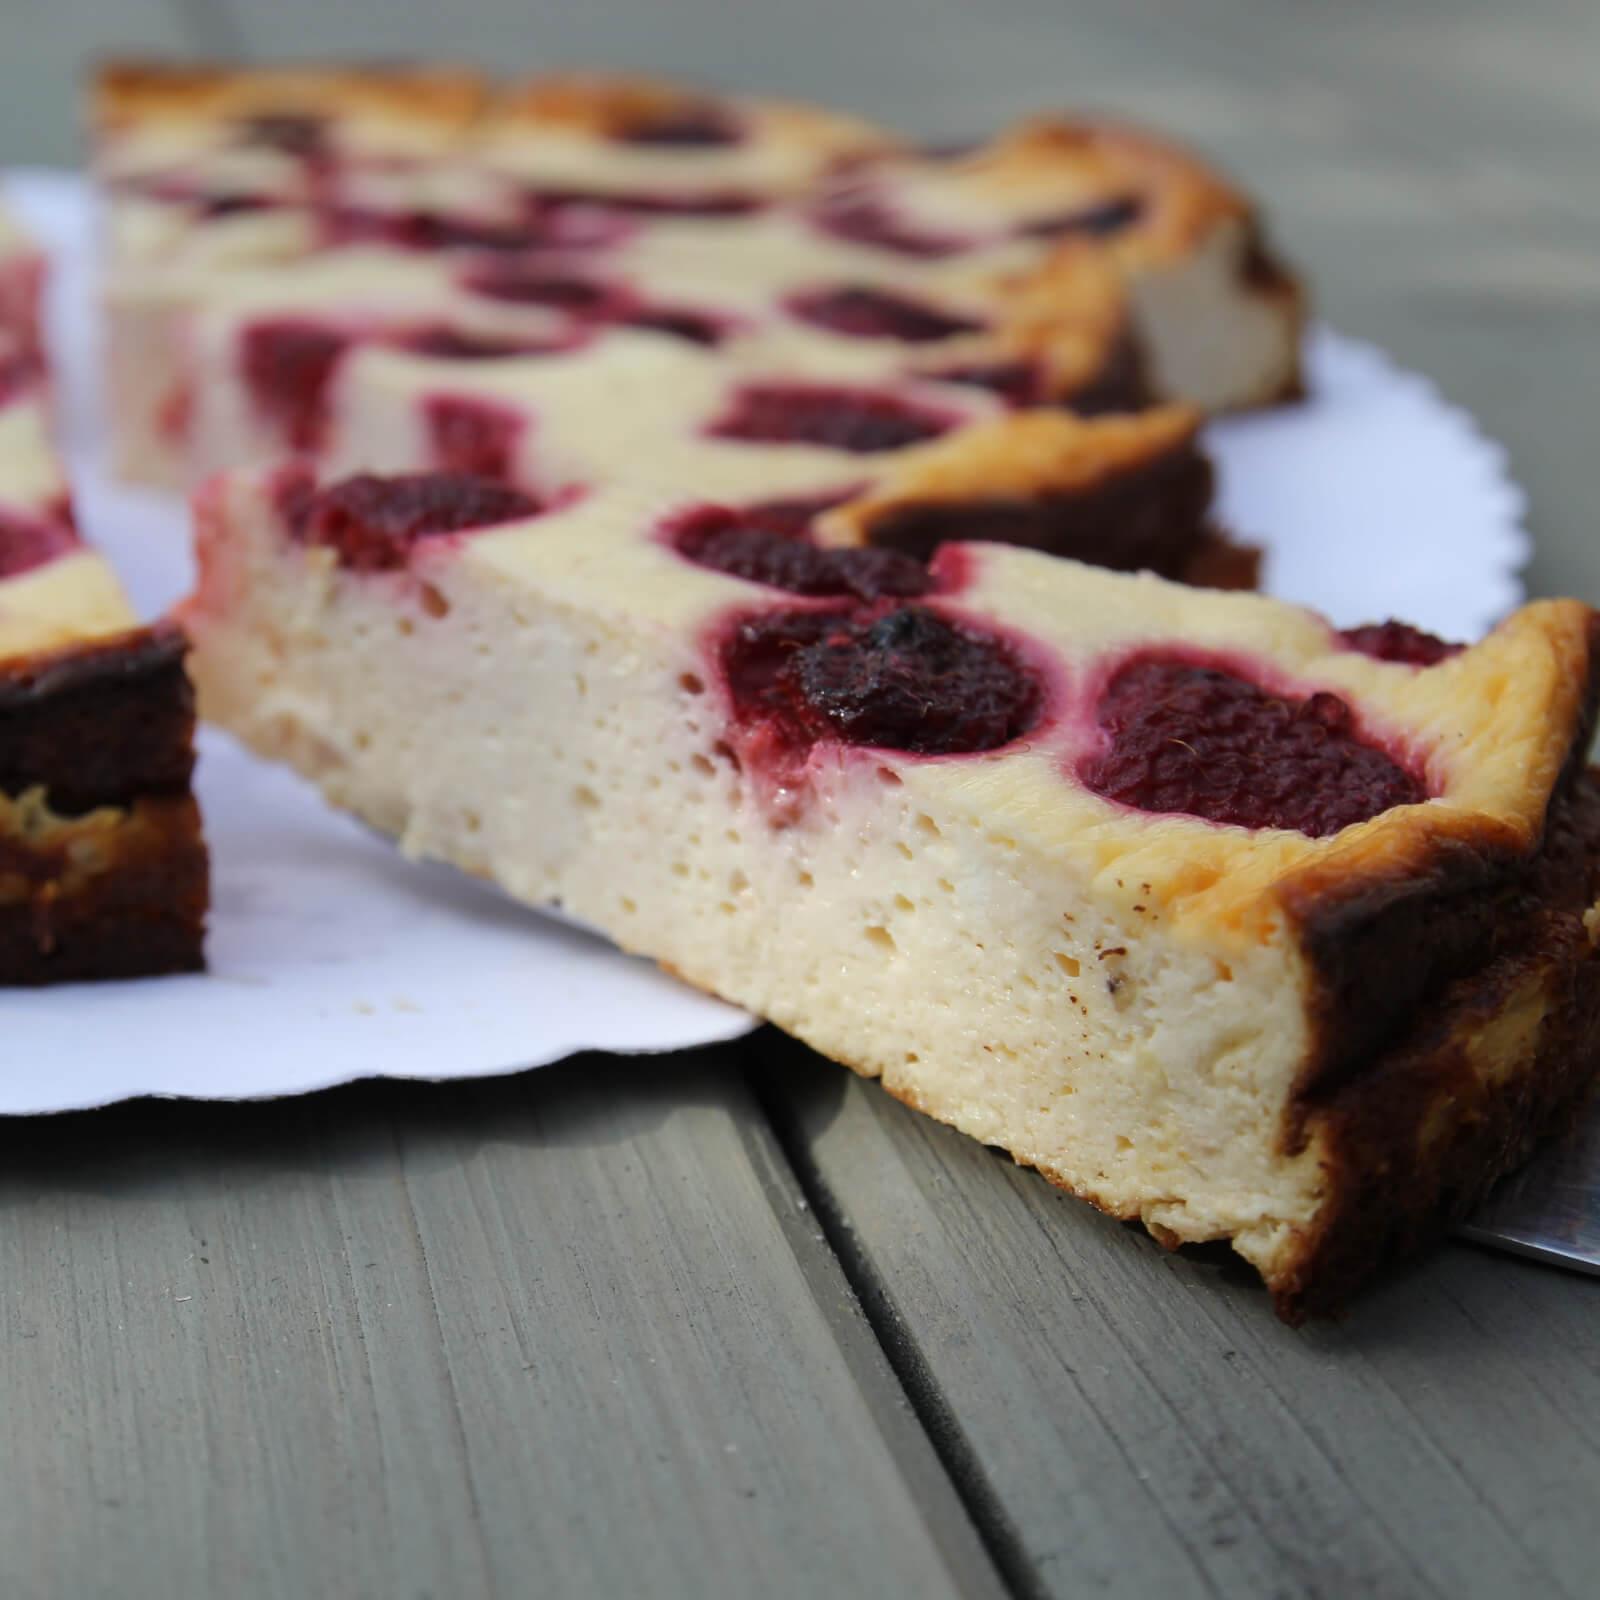 healthy-protein-cheesecake-recipe-strawberries-gesundes-protein-käsekuchen-rezept-Erdbeeren (2)